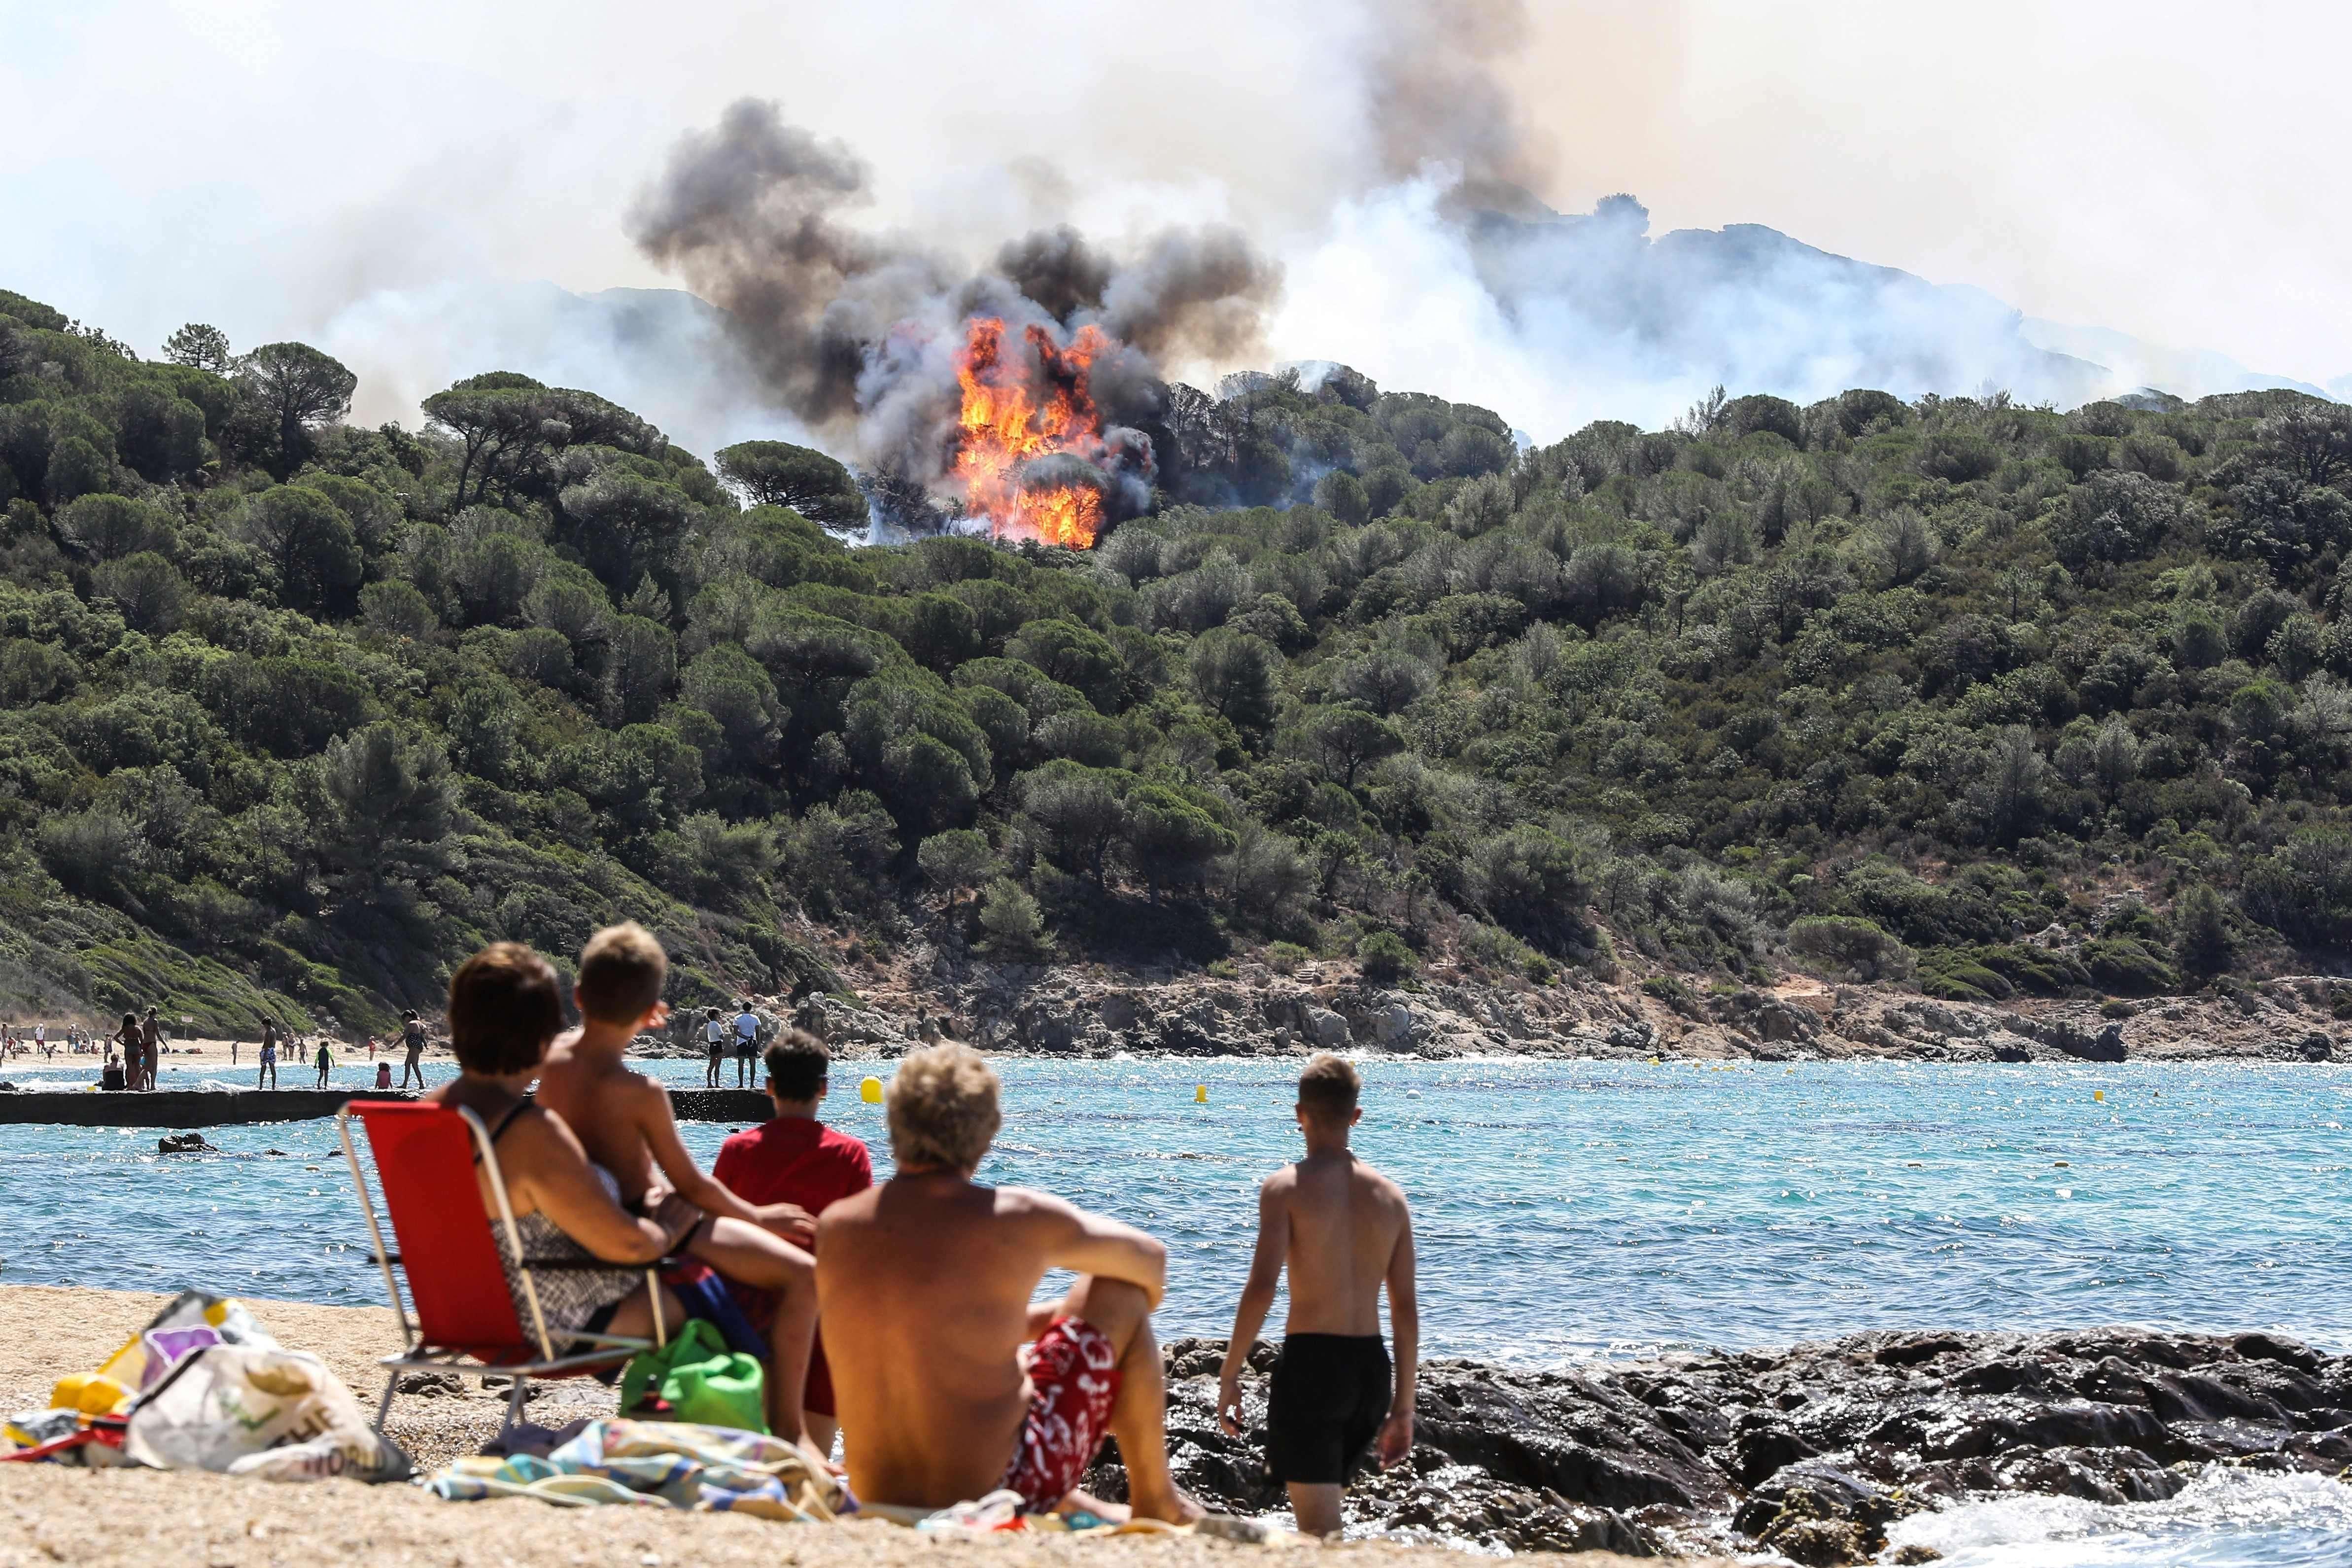 Des vacanciers profitent de la plage face à un incendie dans la forêt de LaCroix-Valmer, près de Saint-Tropez, le 25 juillet.